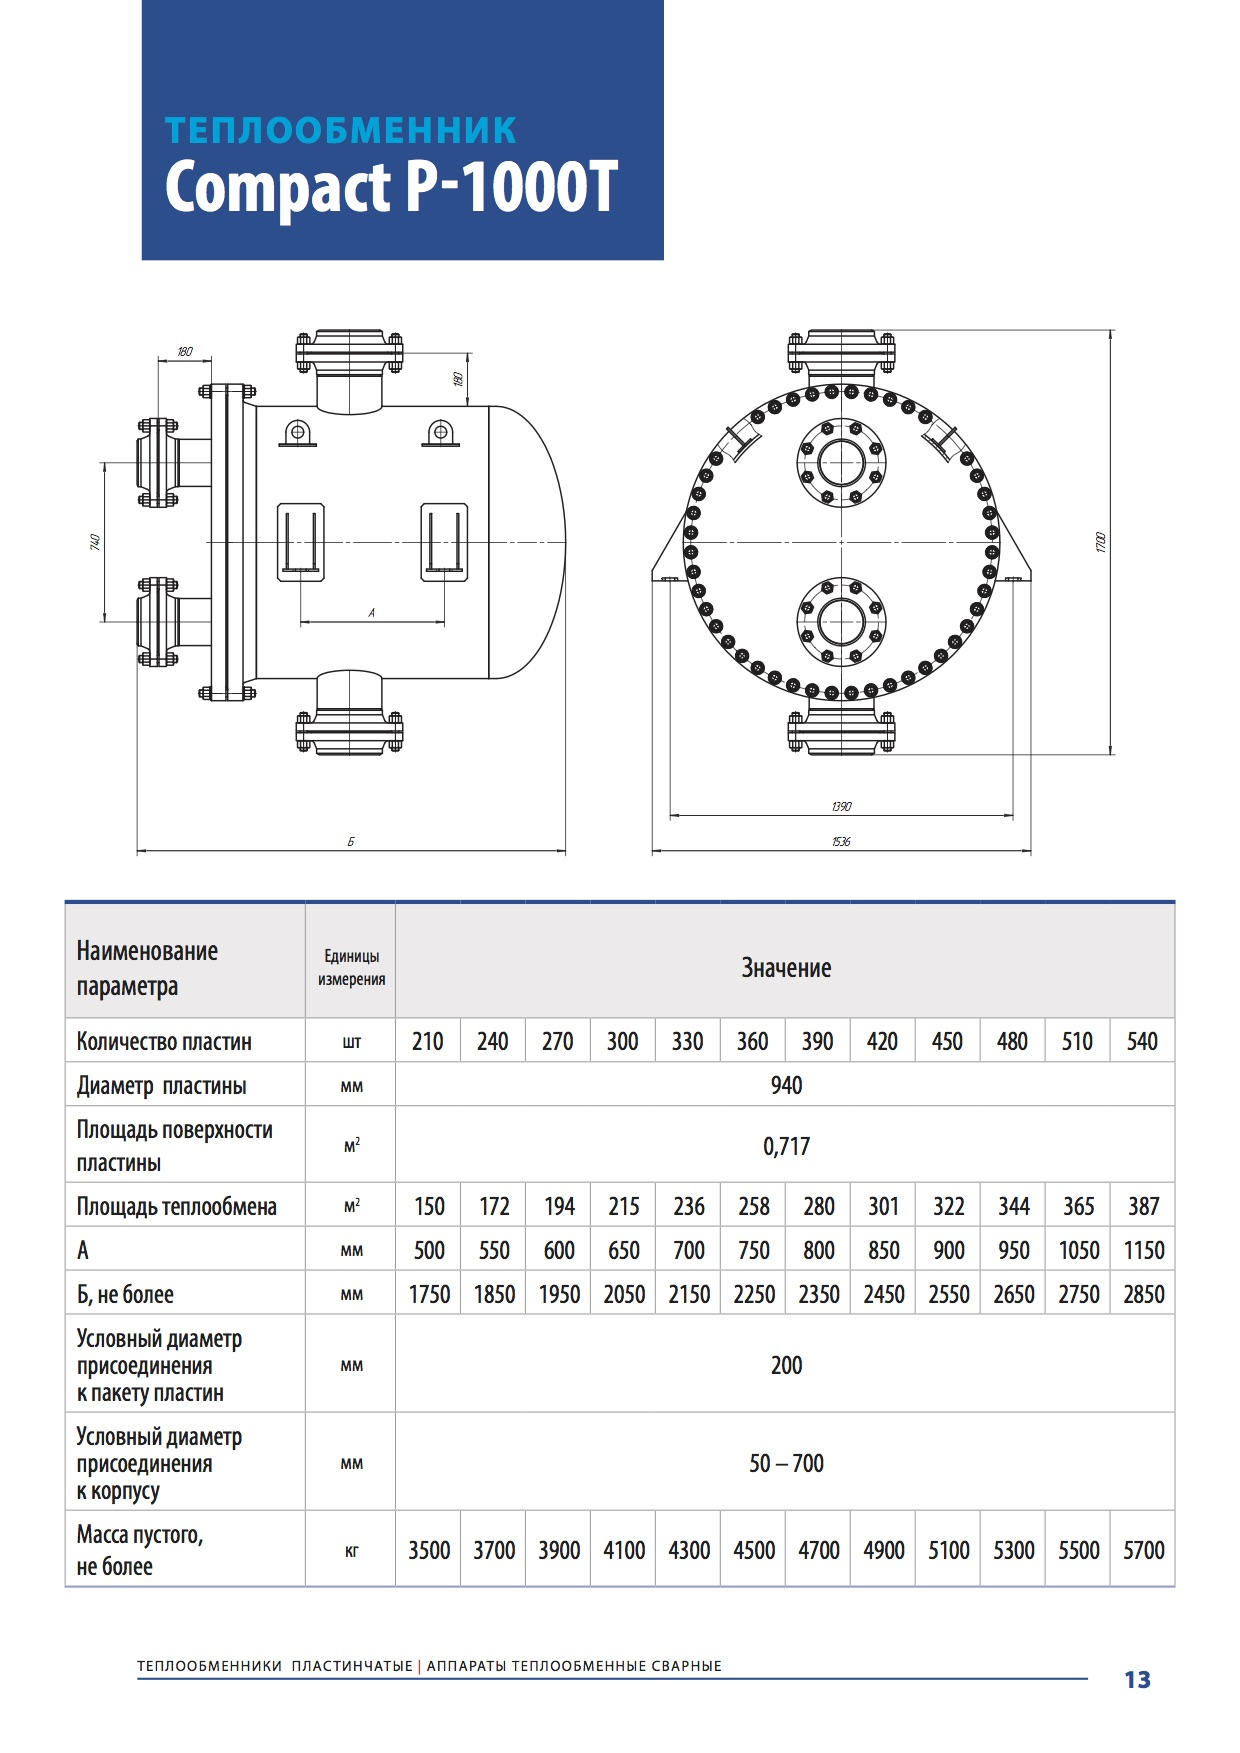 Каталог-справочник пластинчатые теплообменники теплообменник на агнкс